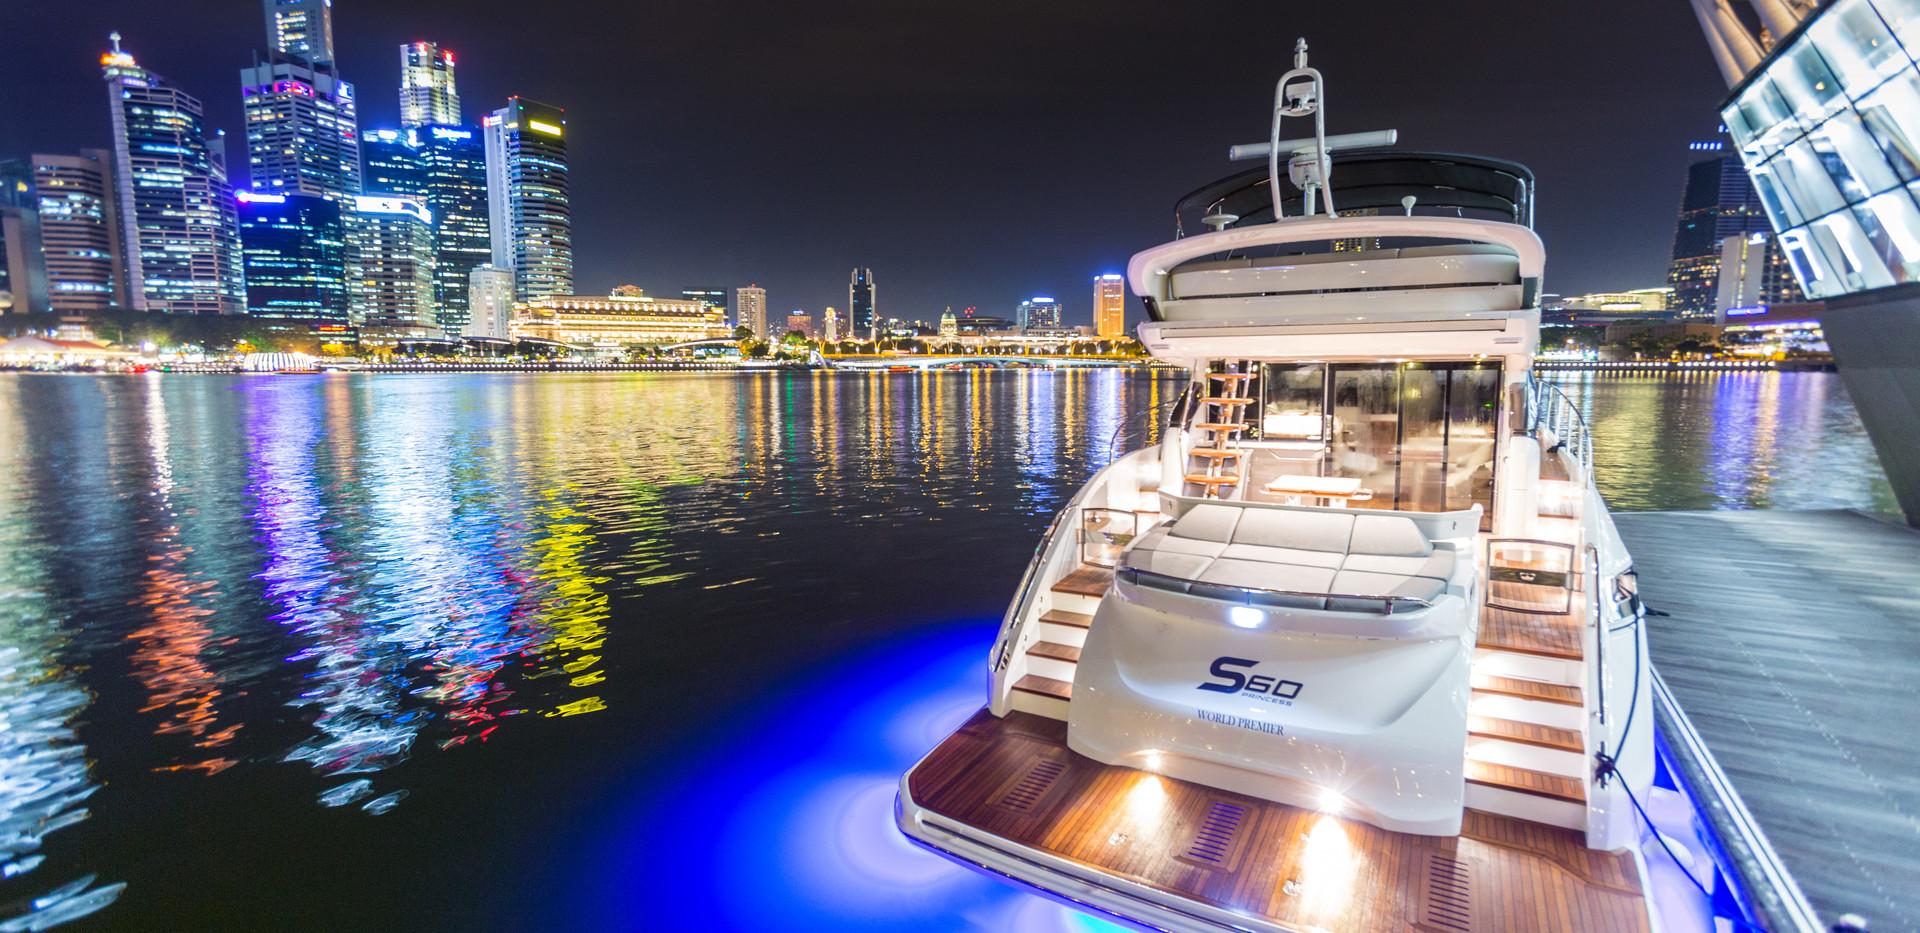 s60-exterior-white-hull-08Abromowitz Sha